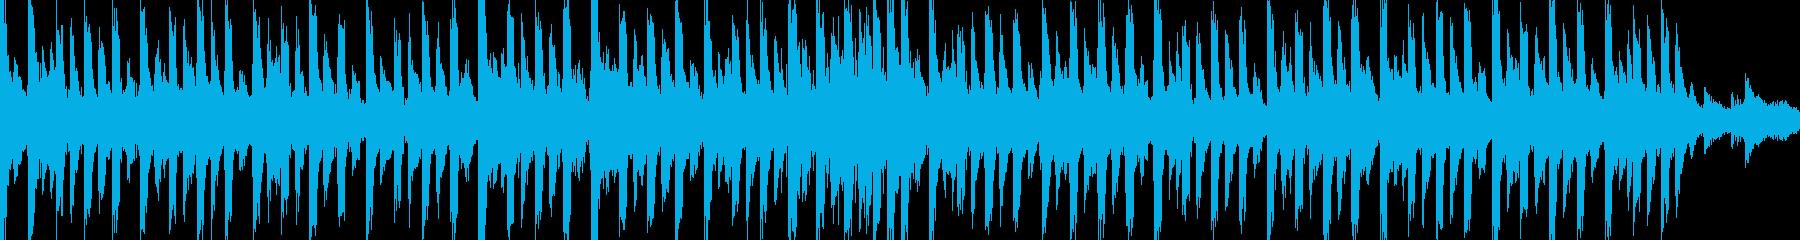 若々しい/若いサウンドのメロディッ...の再生済みの波形